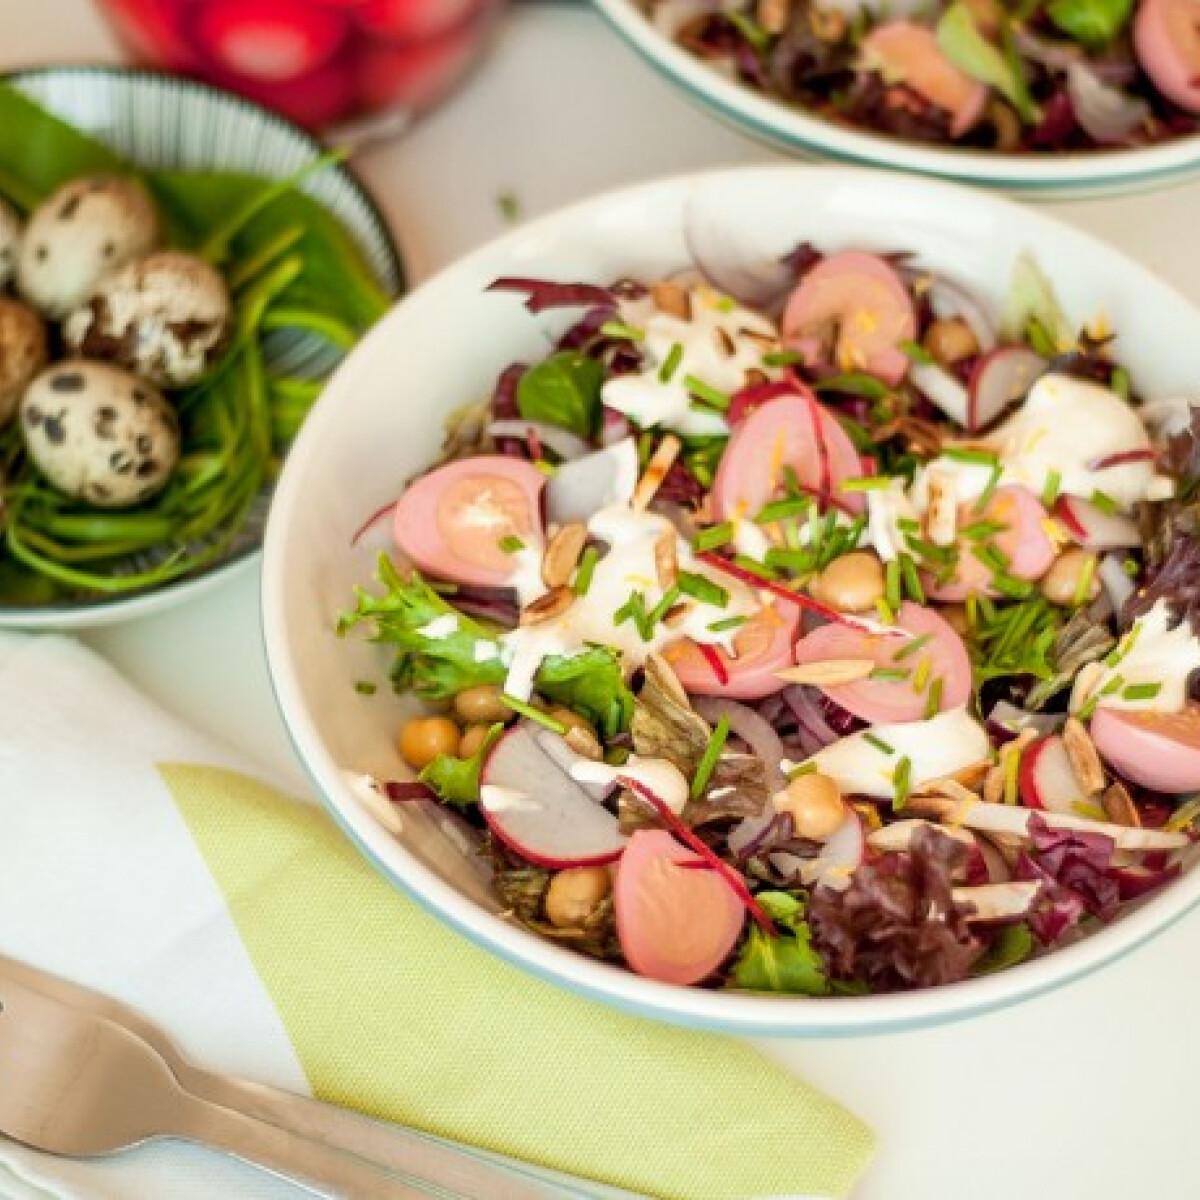 Ezen a képen: Színes húsvéti saláta